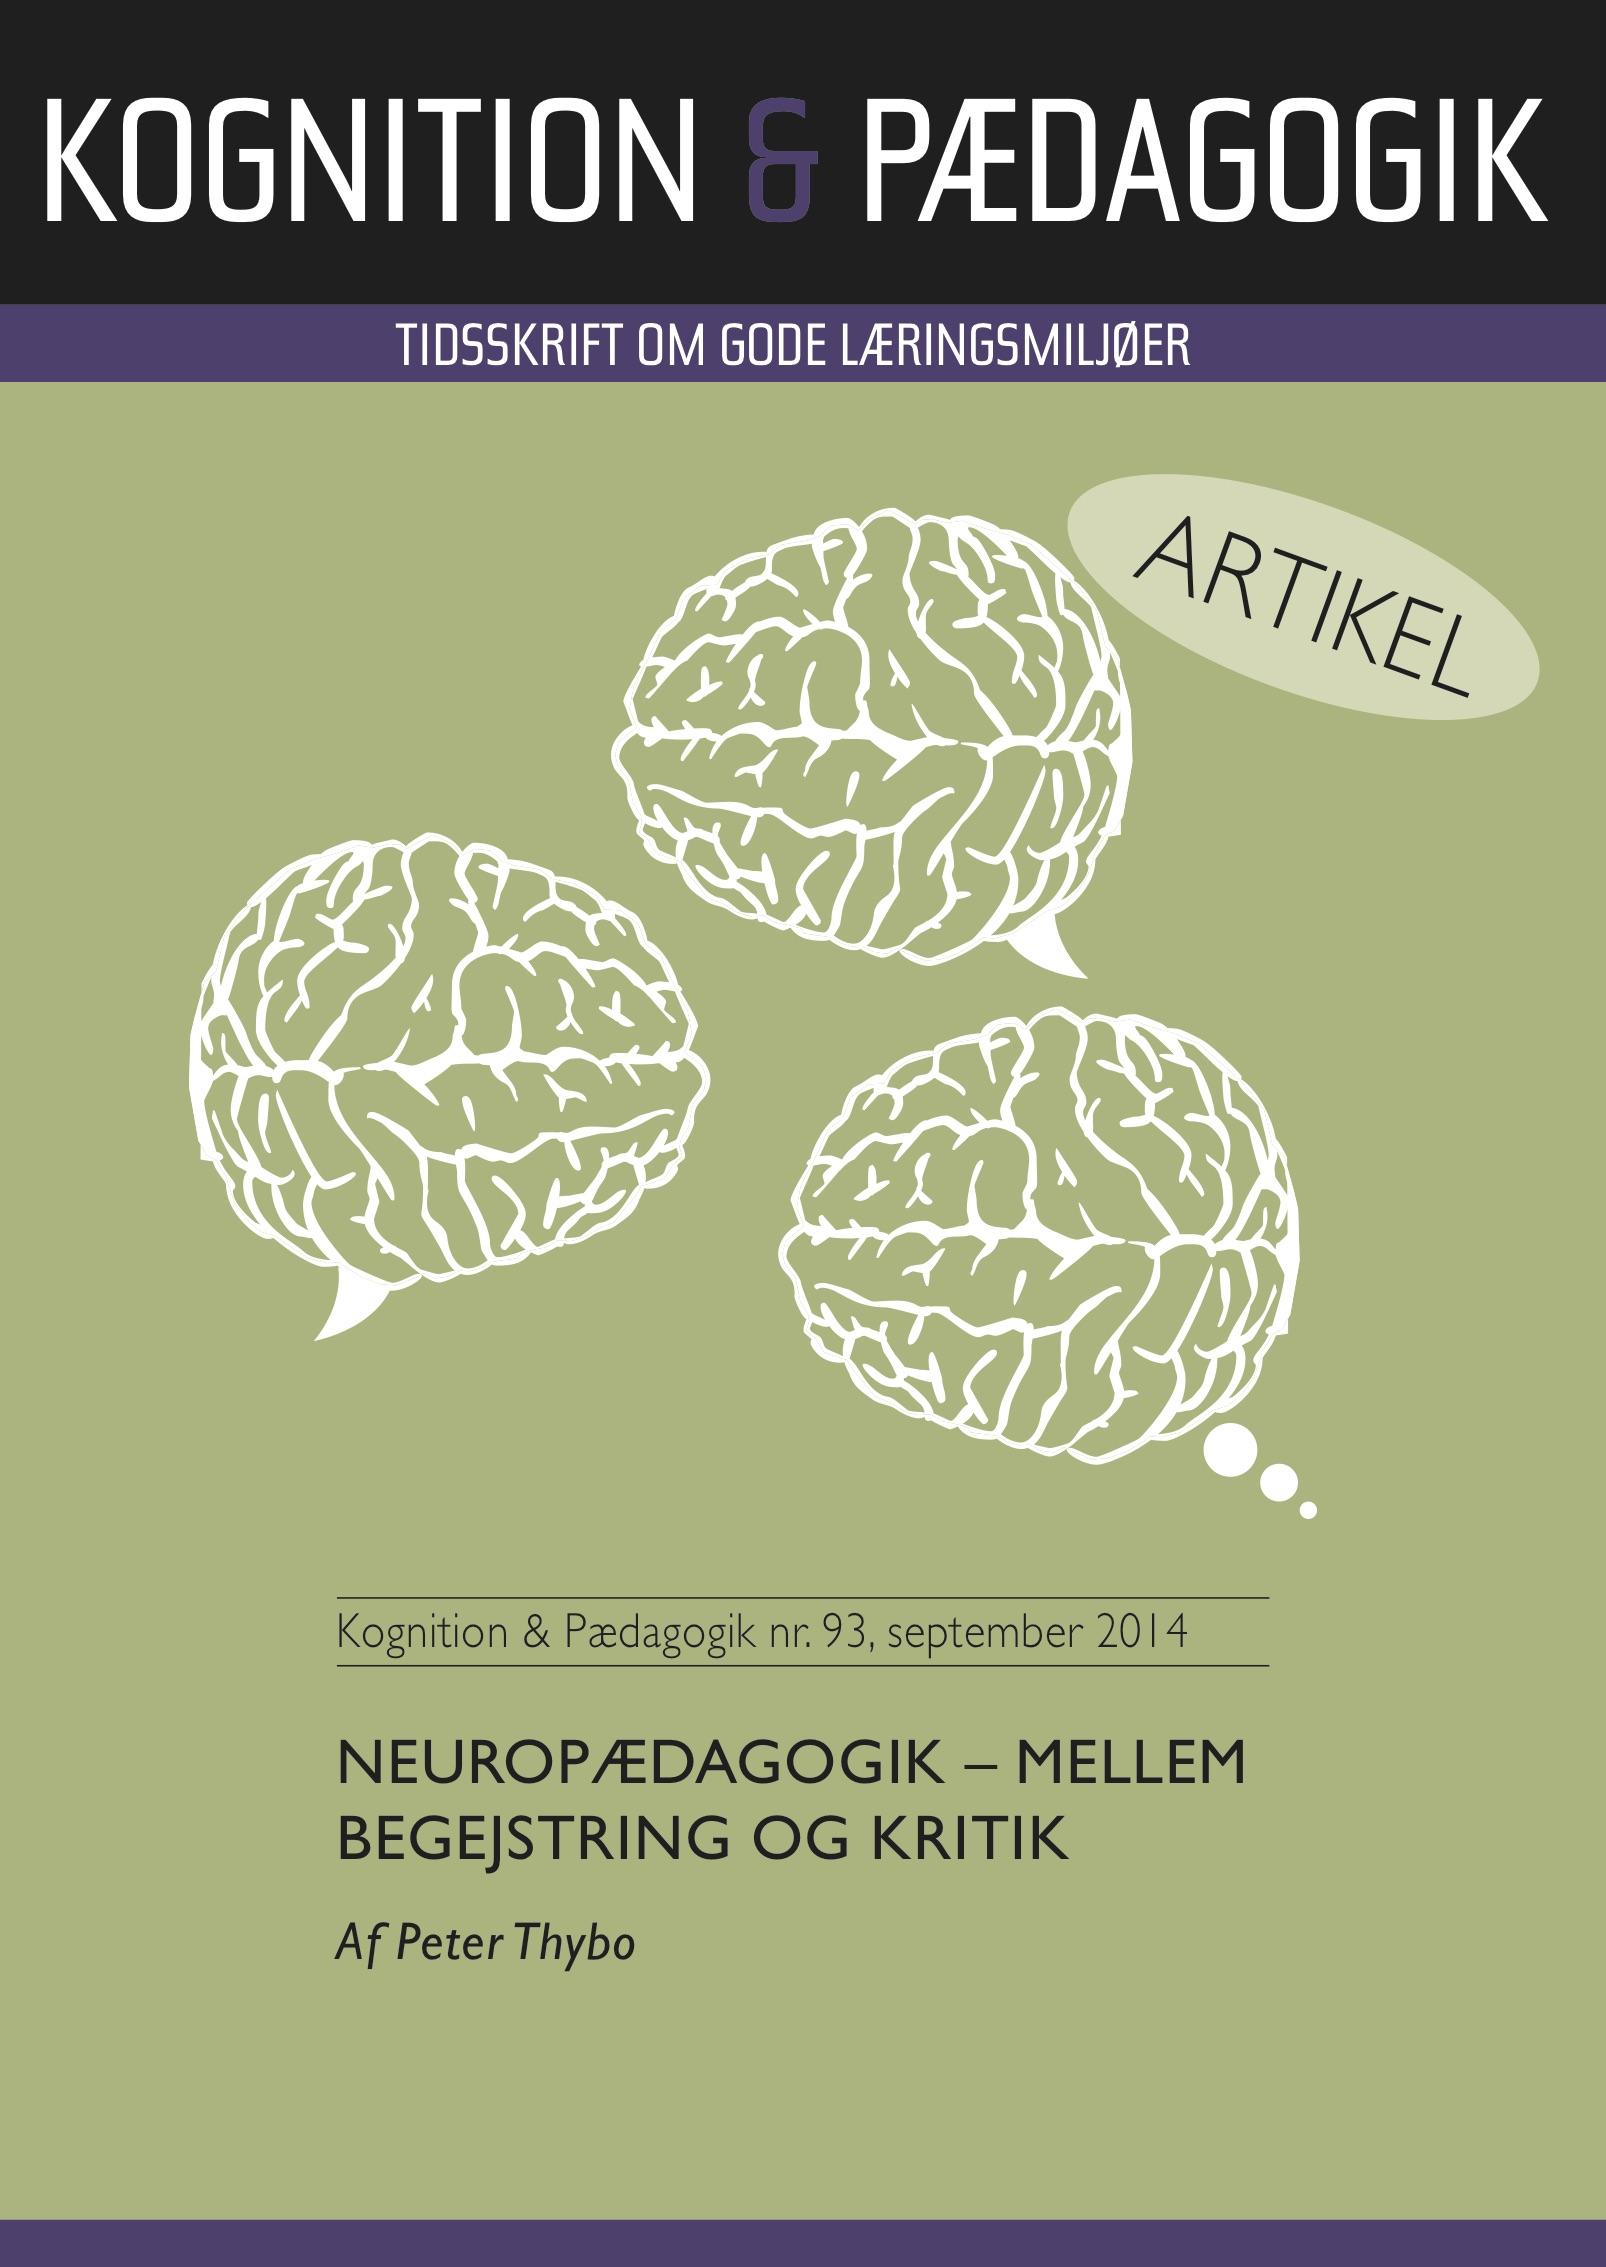 N/A – Neuropædagogik - mellem begejstring og kritik - e-bog fra bog & mystik